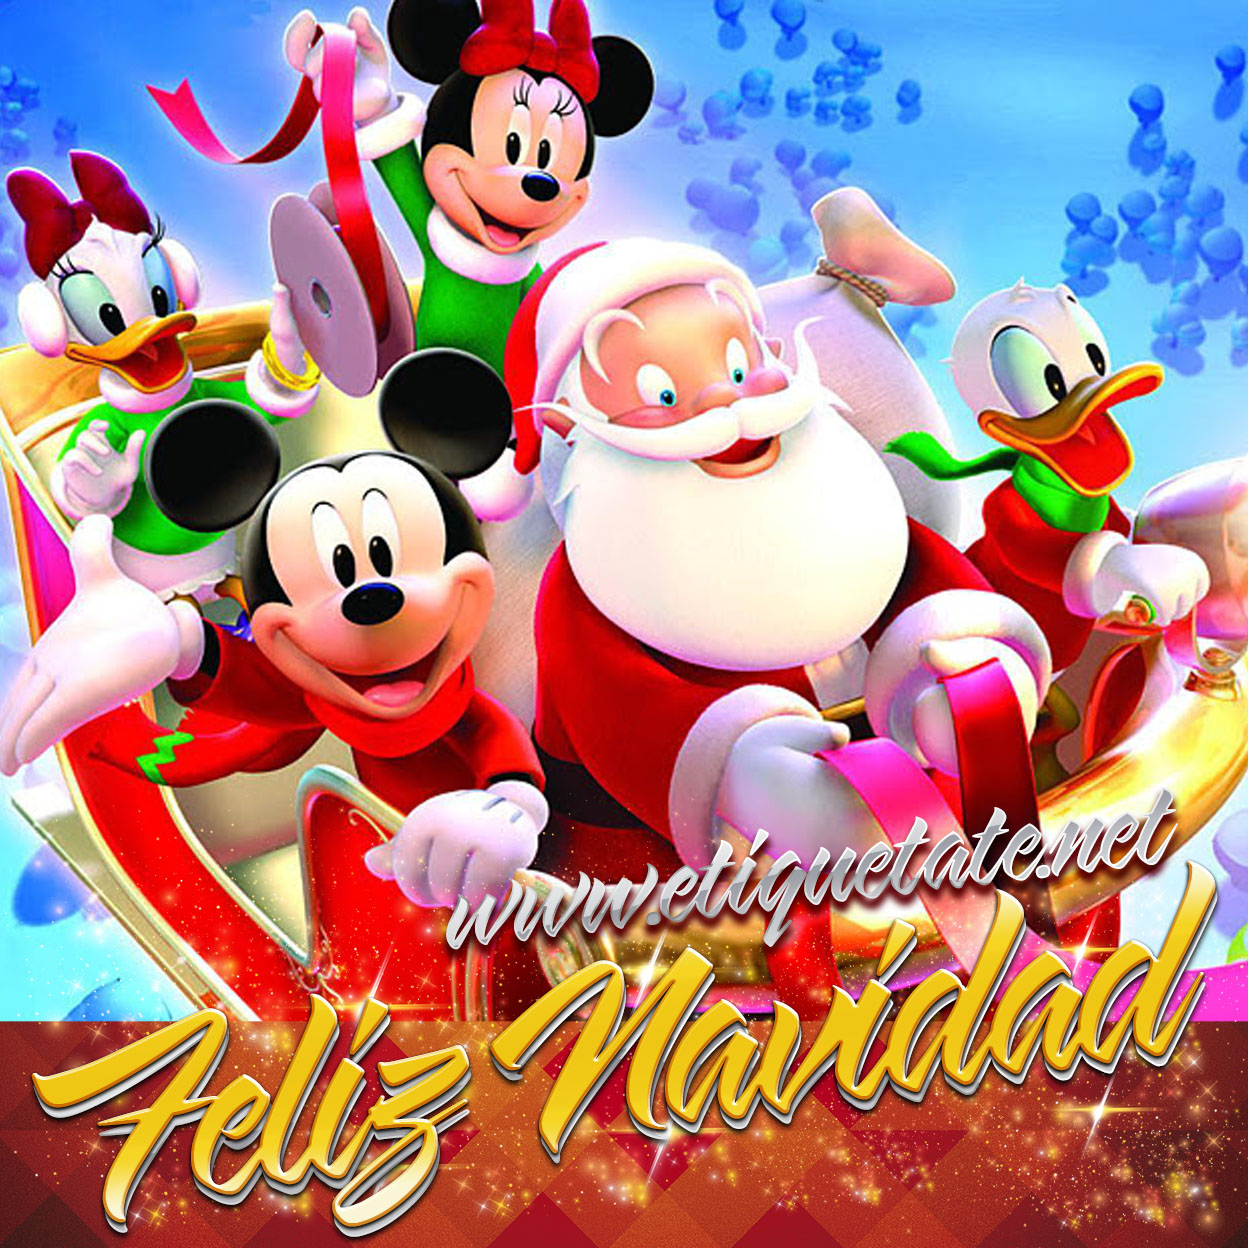 Bonitas Navidad Con Fotos De Mickey Mouse Y Minnie Para Facebook